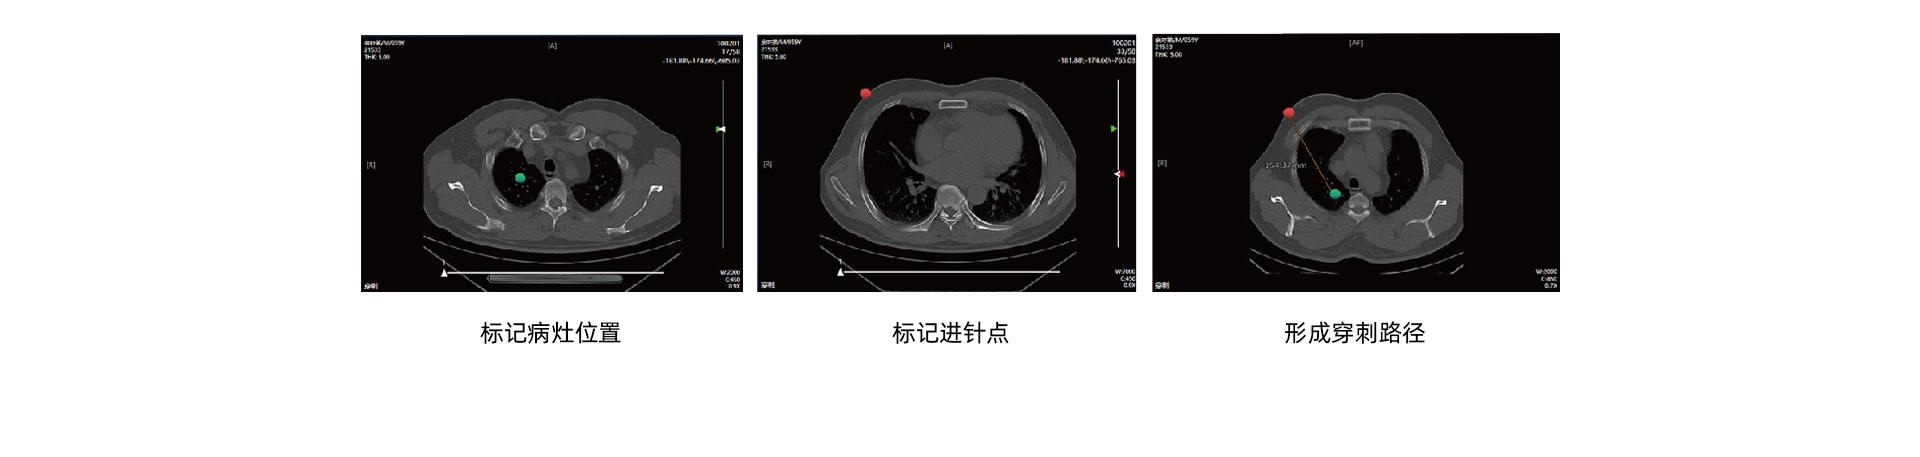 (影像介入)CT介入手术移动工作站_05.jpg